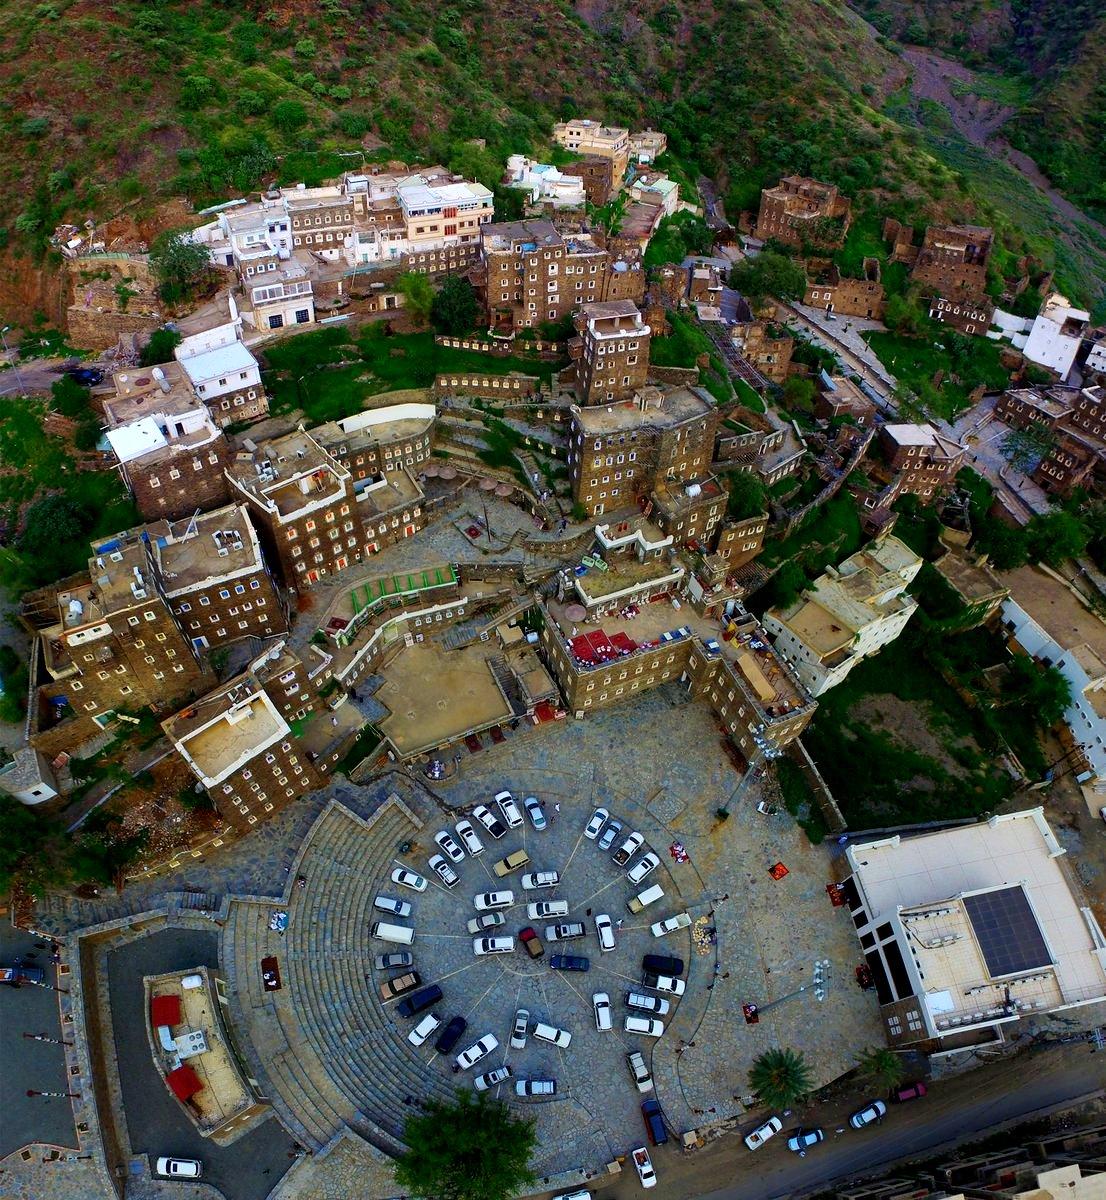 قرية رجال التراثية تقترب من قائمة اليونسكو